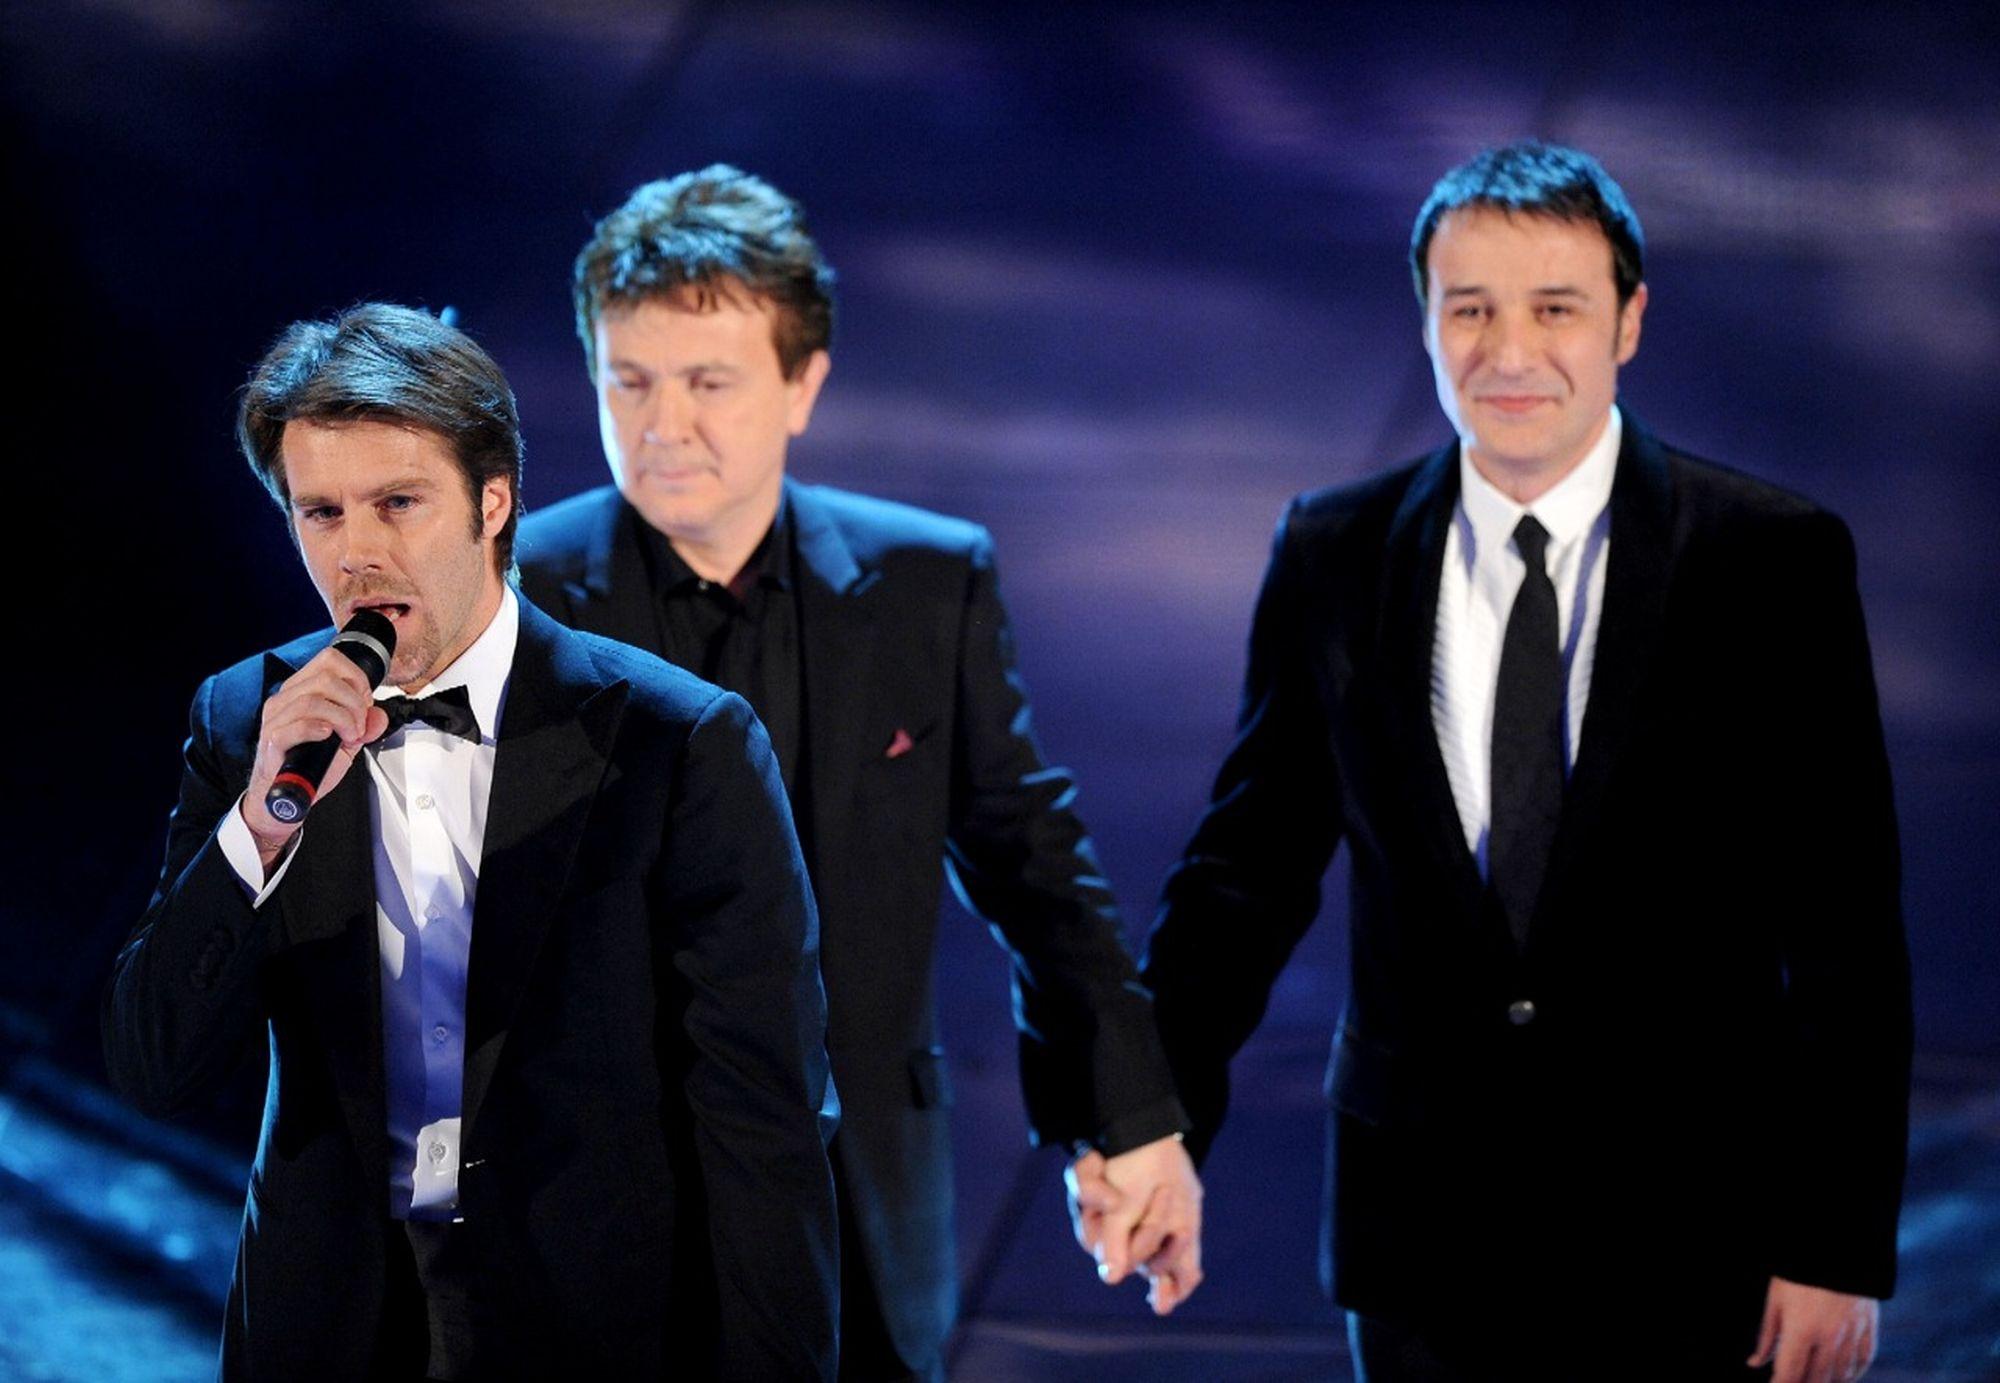 Sanremo 2010, Codacons indagava su televoto truccato – Video lancio degli spartiti in diretta